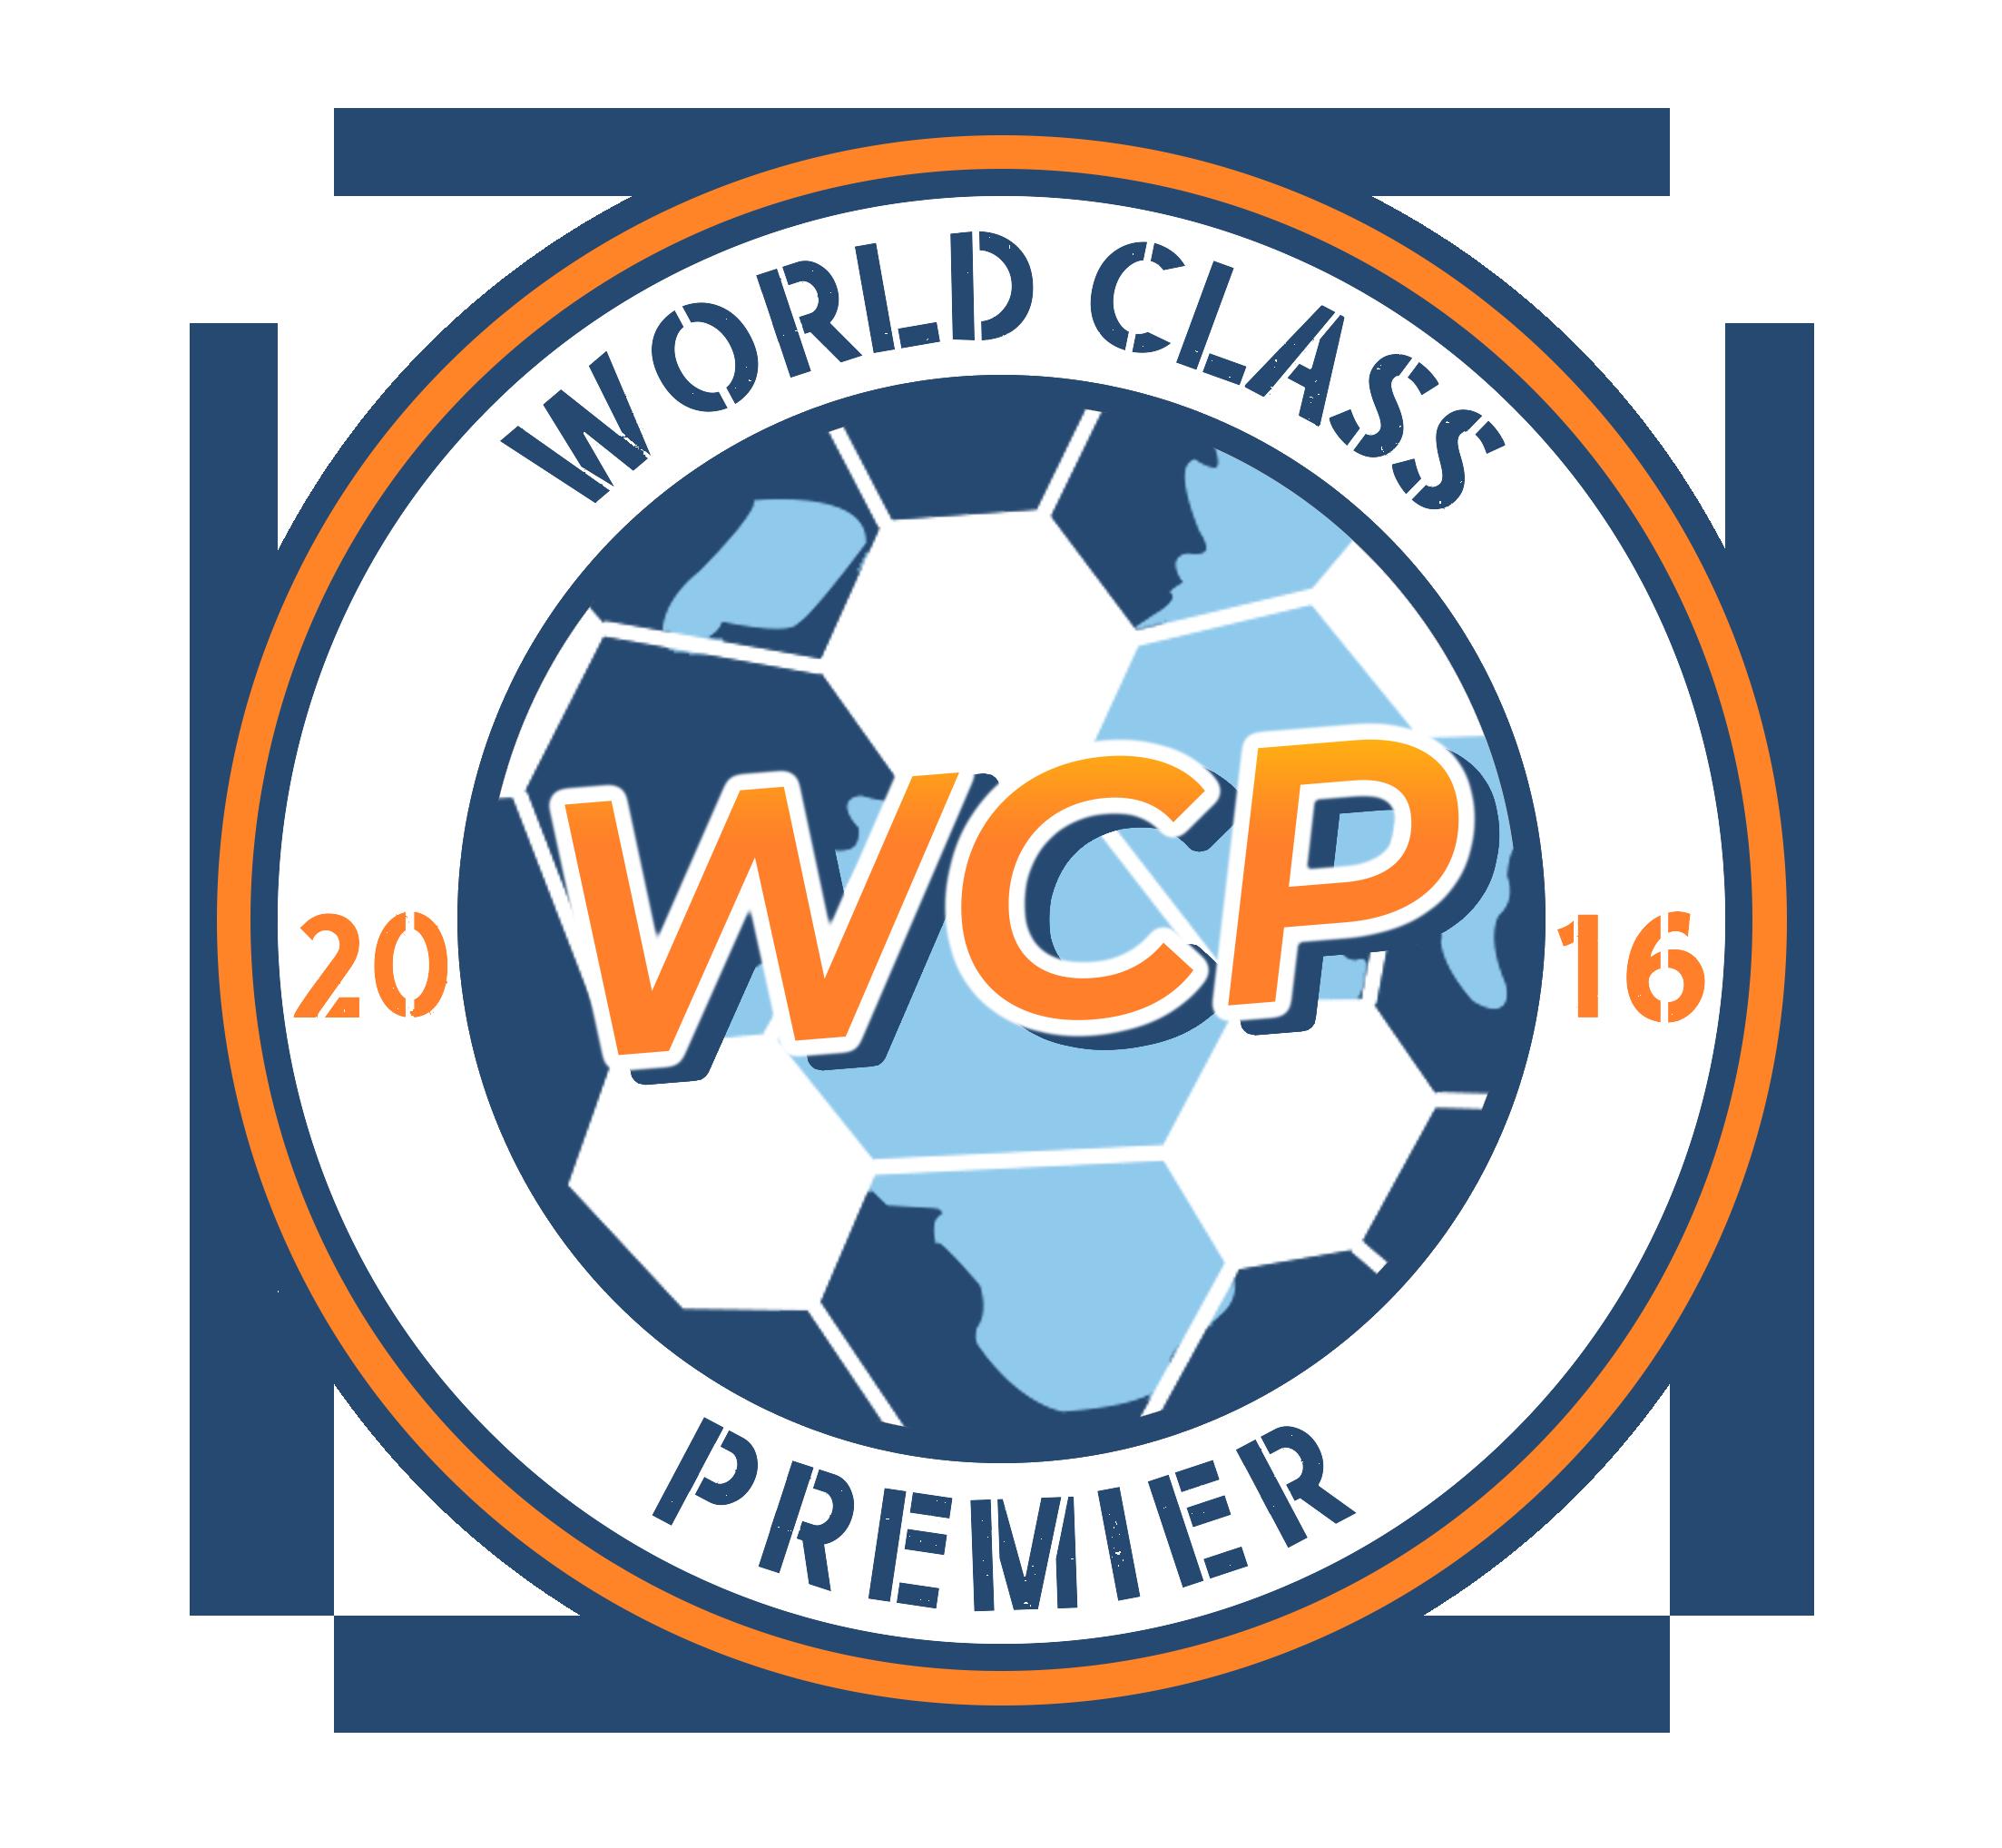 World Class Premier